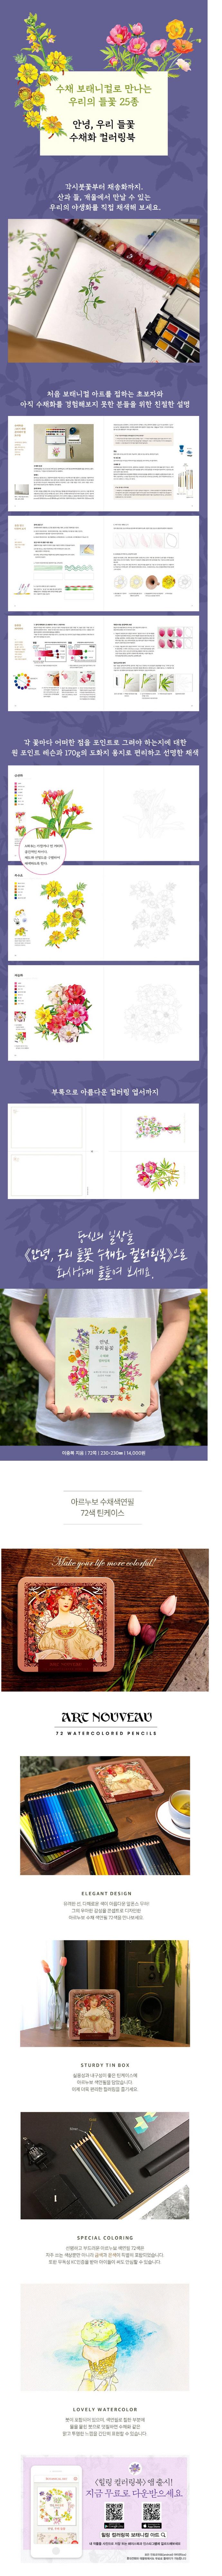 안녕 우리 들꽃 수채화 컬러링북+아르누보 72색 틴케이스 색연필 세트 도서 상세이미지